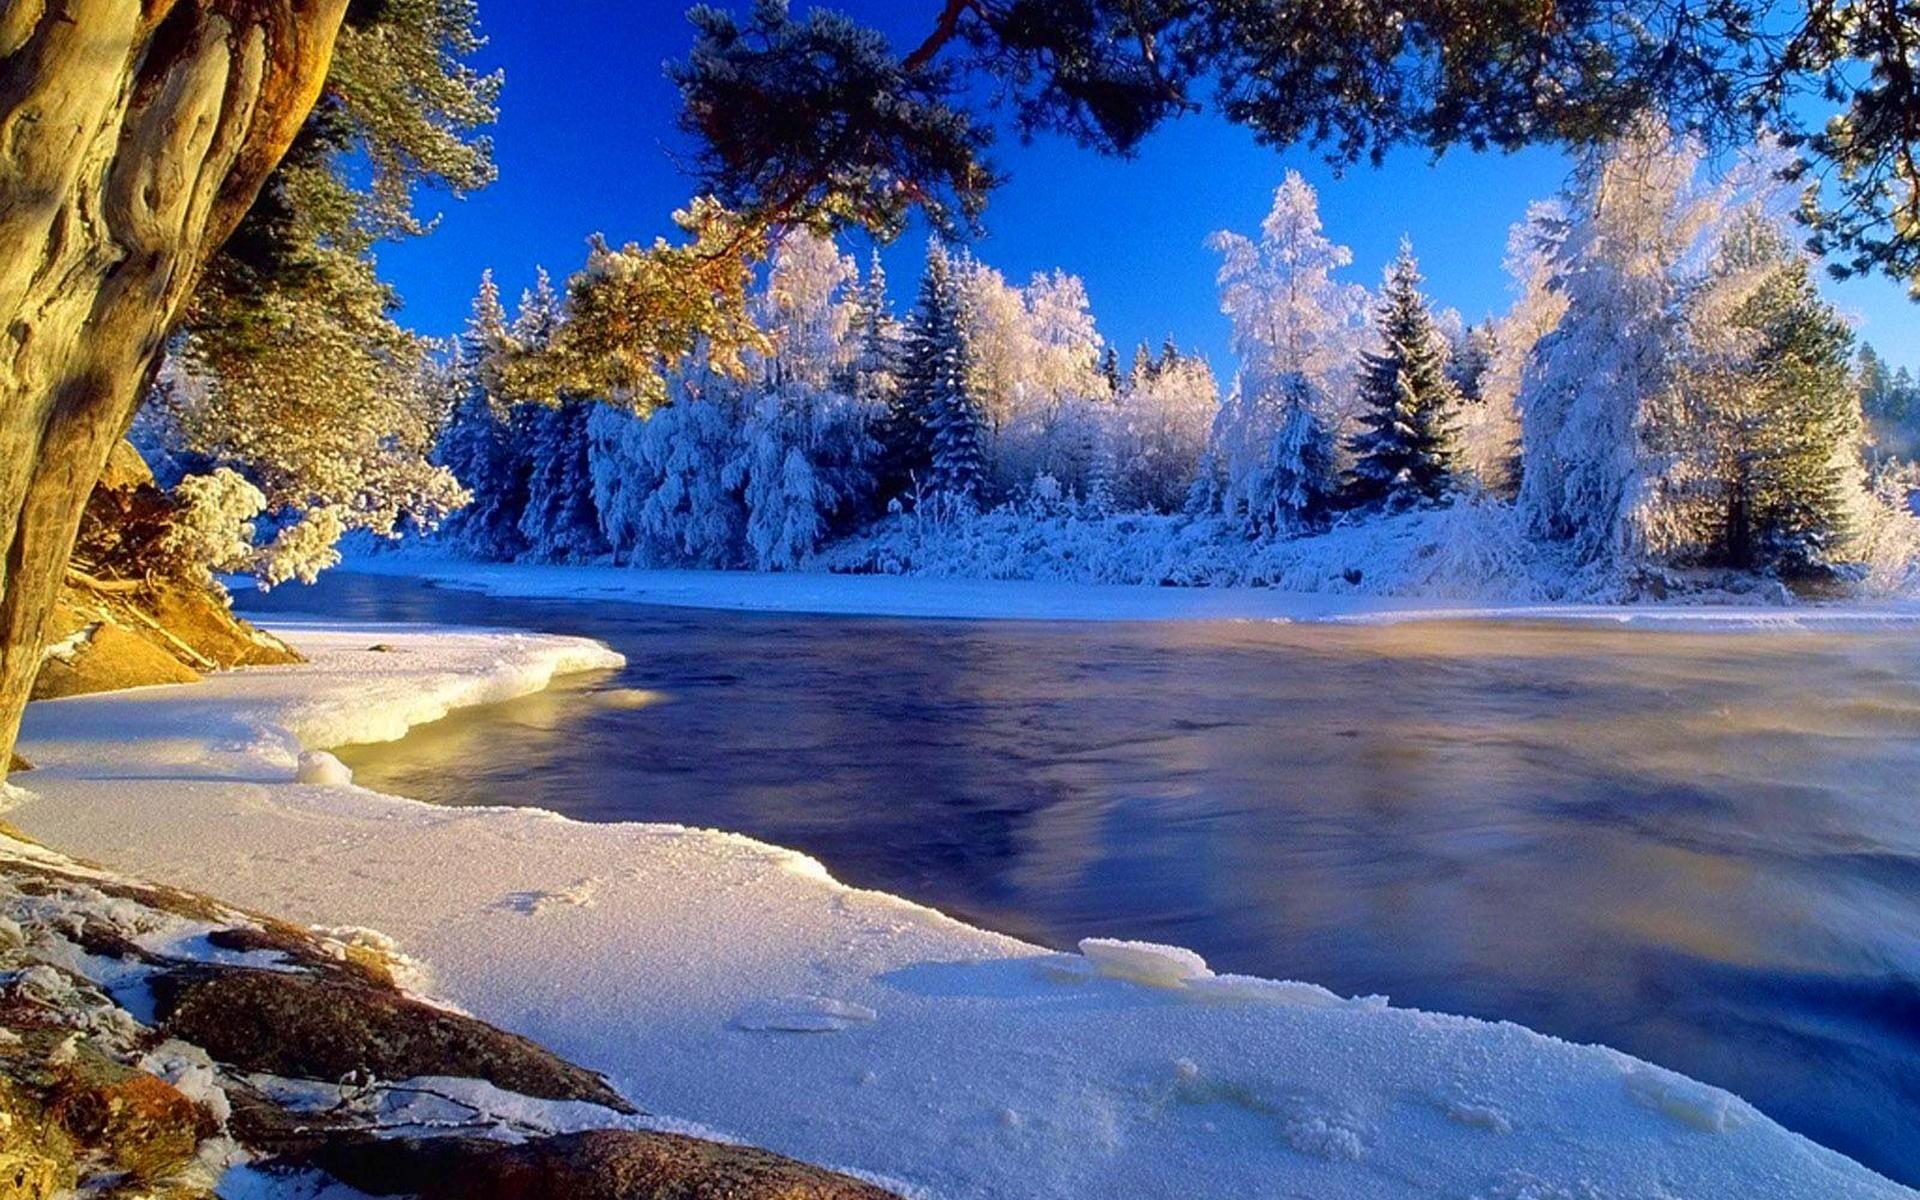 располагается фотографии с зимними пейзажами быстро выгорает татуаж